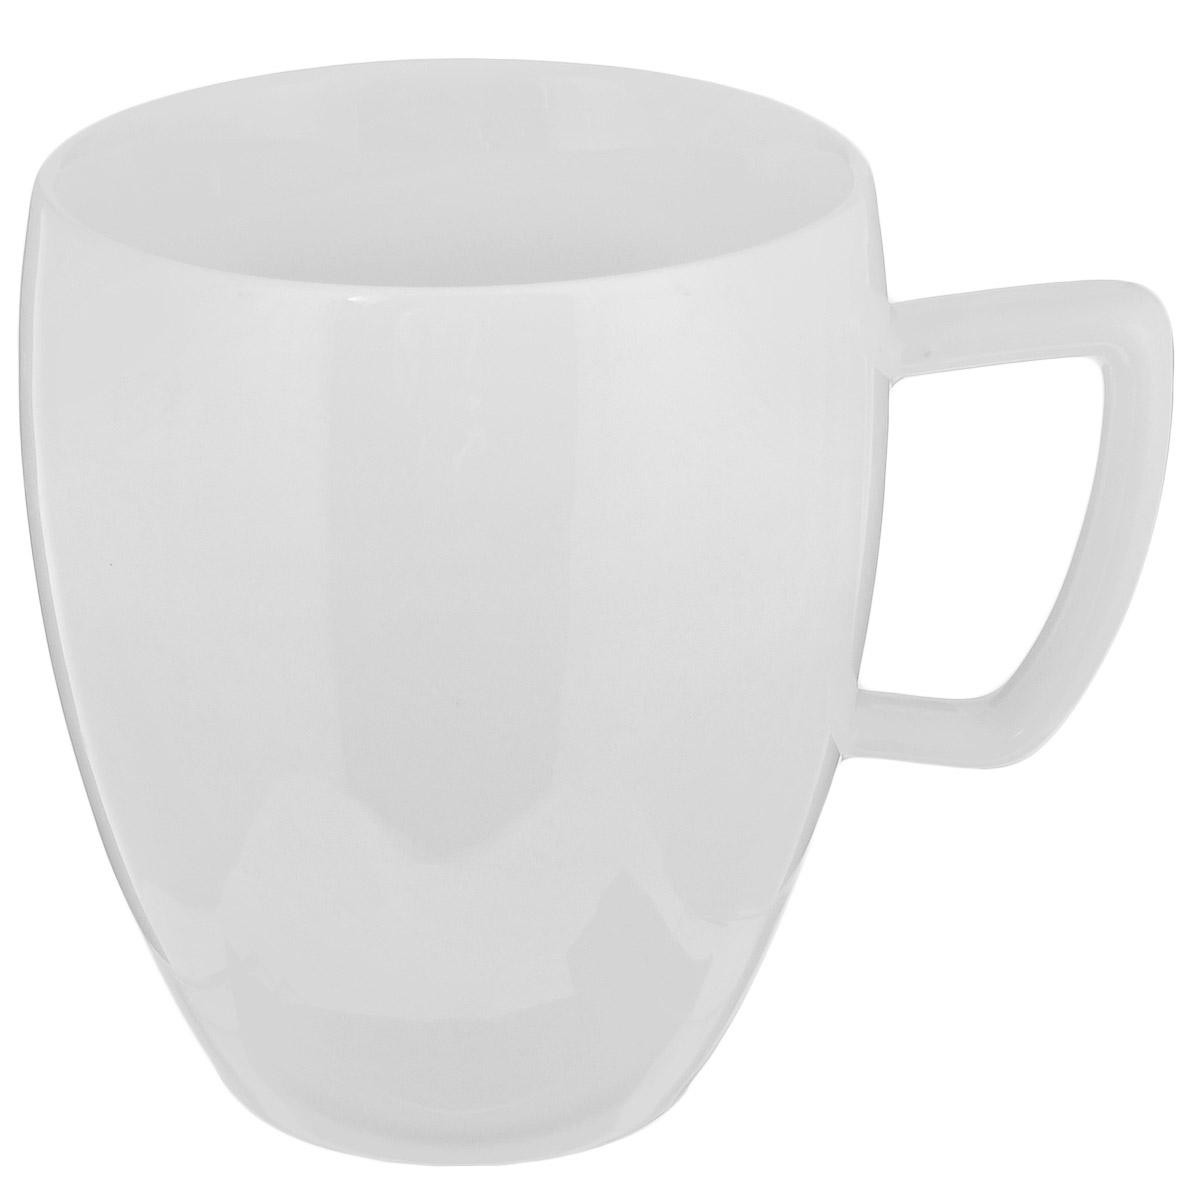 Кружка Tescoma Crema, 300 мл387132Чашка Tescoma Crema выполнена из высококачественного фарфора однотонного цвета и прекрасно подойдет для вашей кухни. Чашка изысканно украсит сервировку как обеденного, так и праздничного стола. Предназначена подачи кофе и чая. Пригодна для использования в микроволновой печи. Можно мыть в посудомоечной машине. Диаметр по верхнему краю: 8 см. Высота: 9 см. Объем: 300 мл.